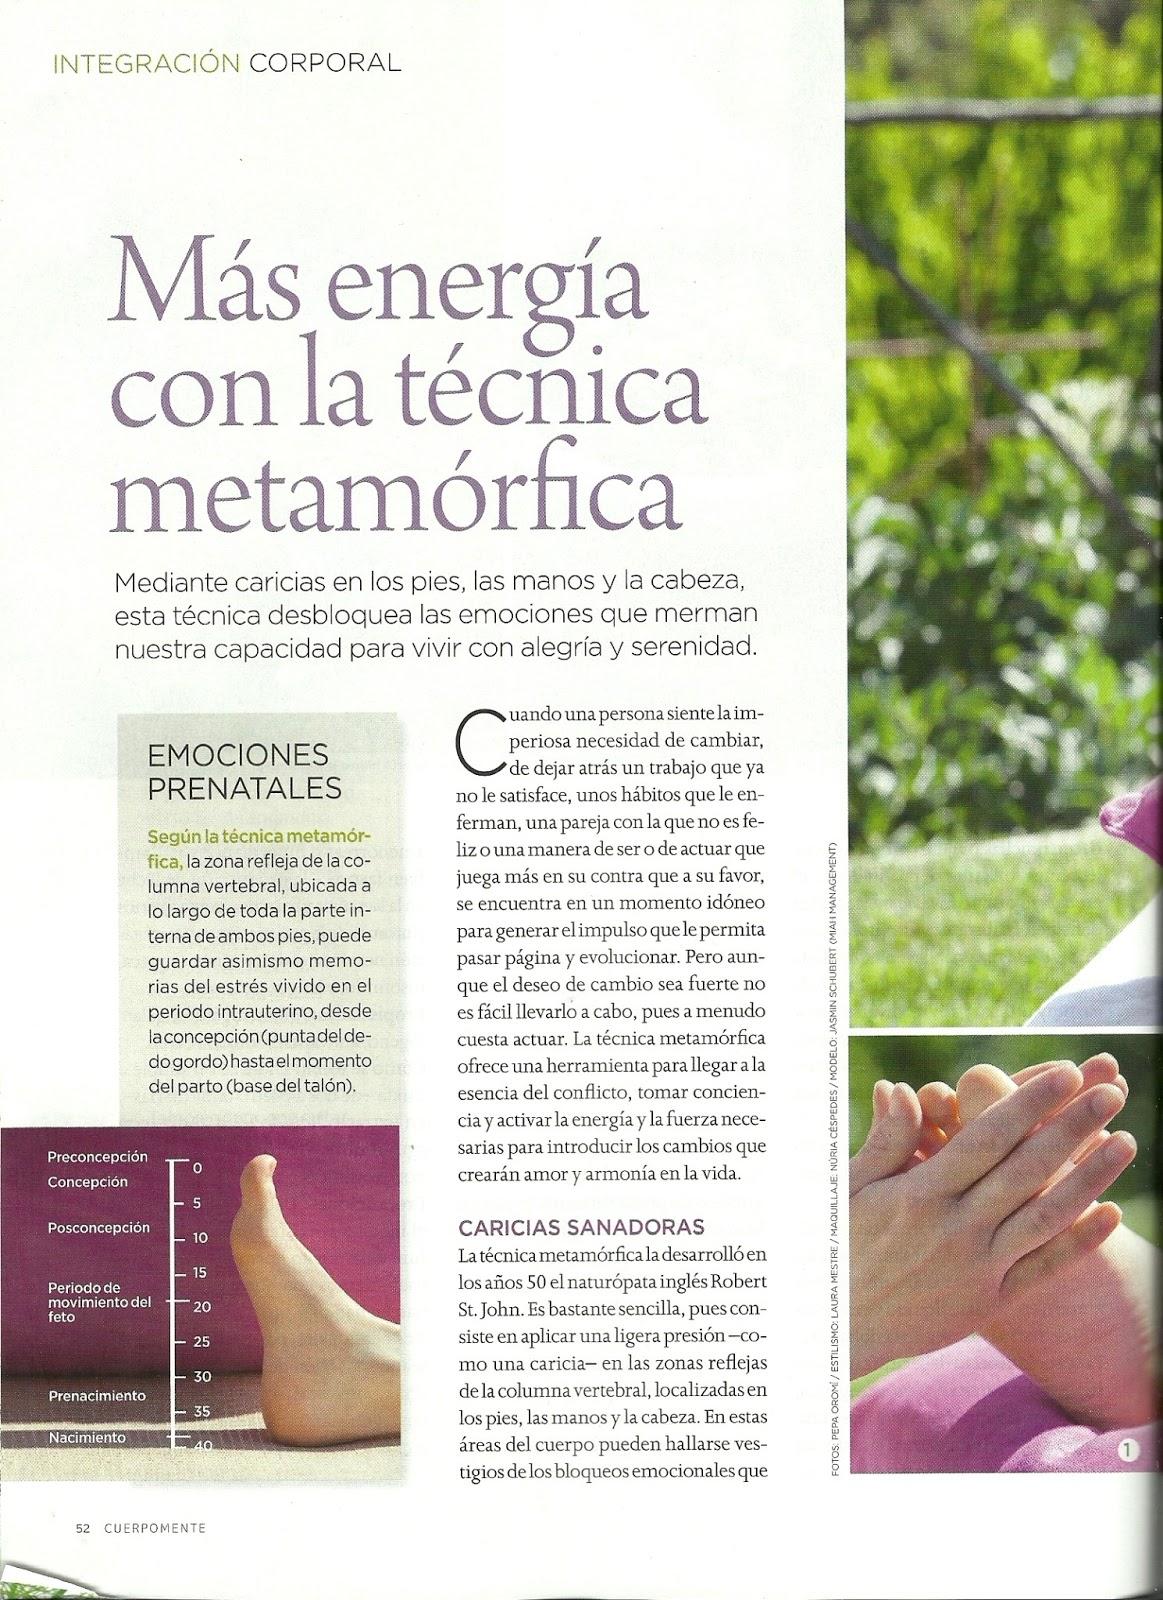 Más energía con la técnica metamórfica - Artículo de prensa